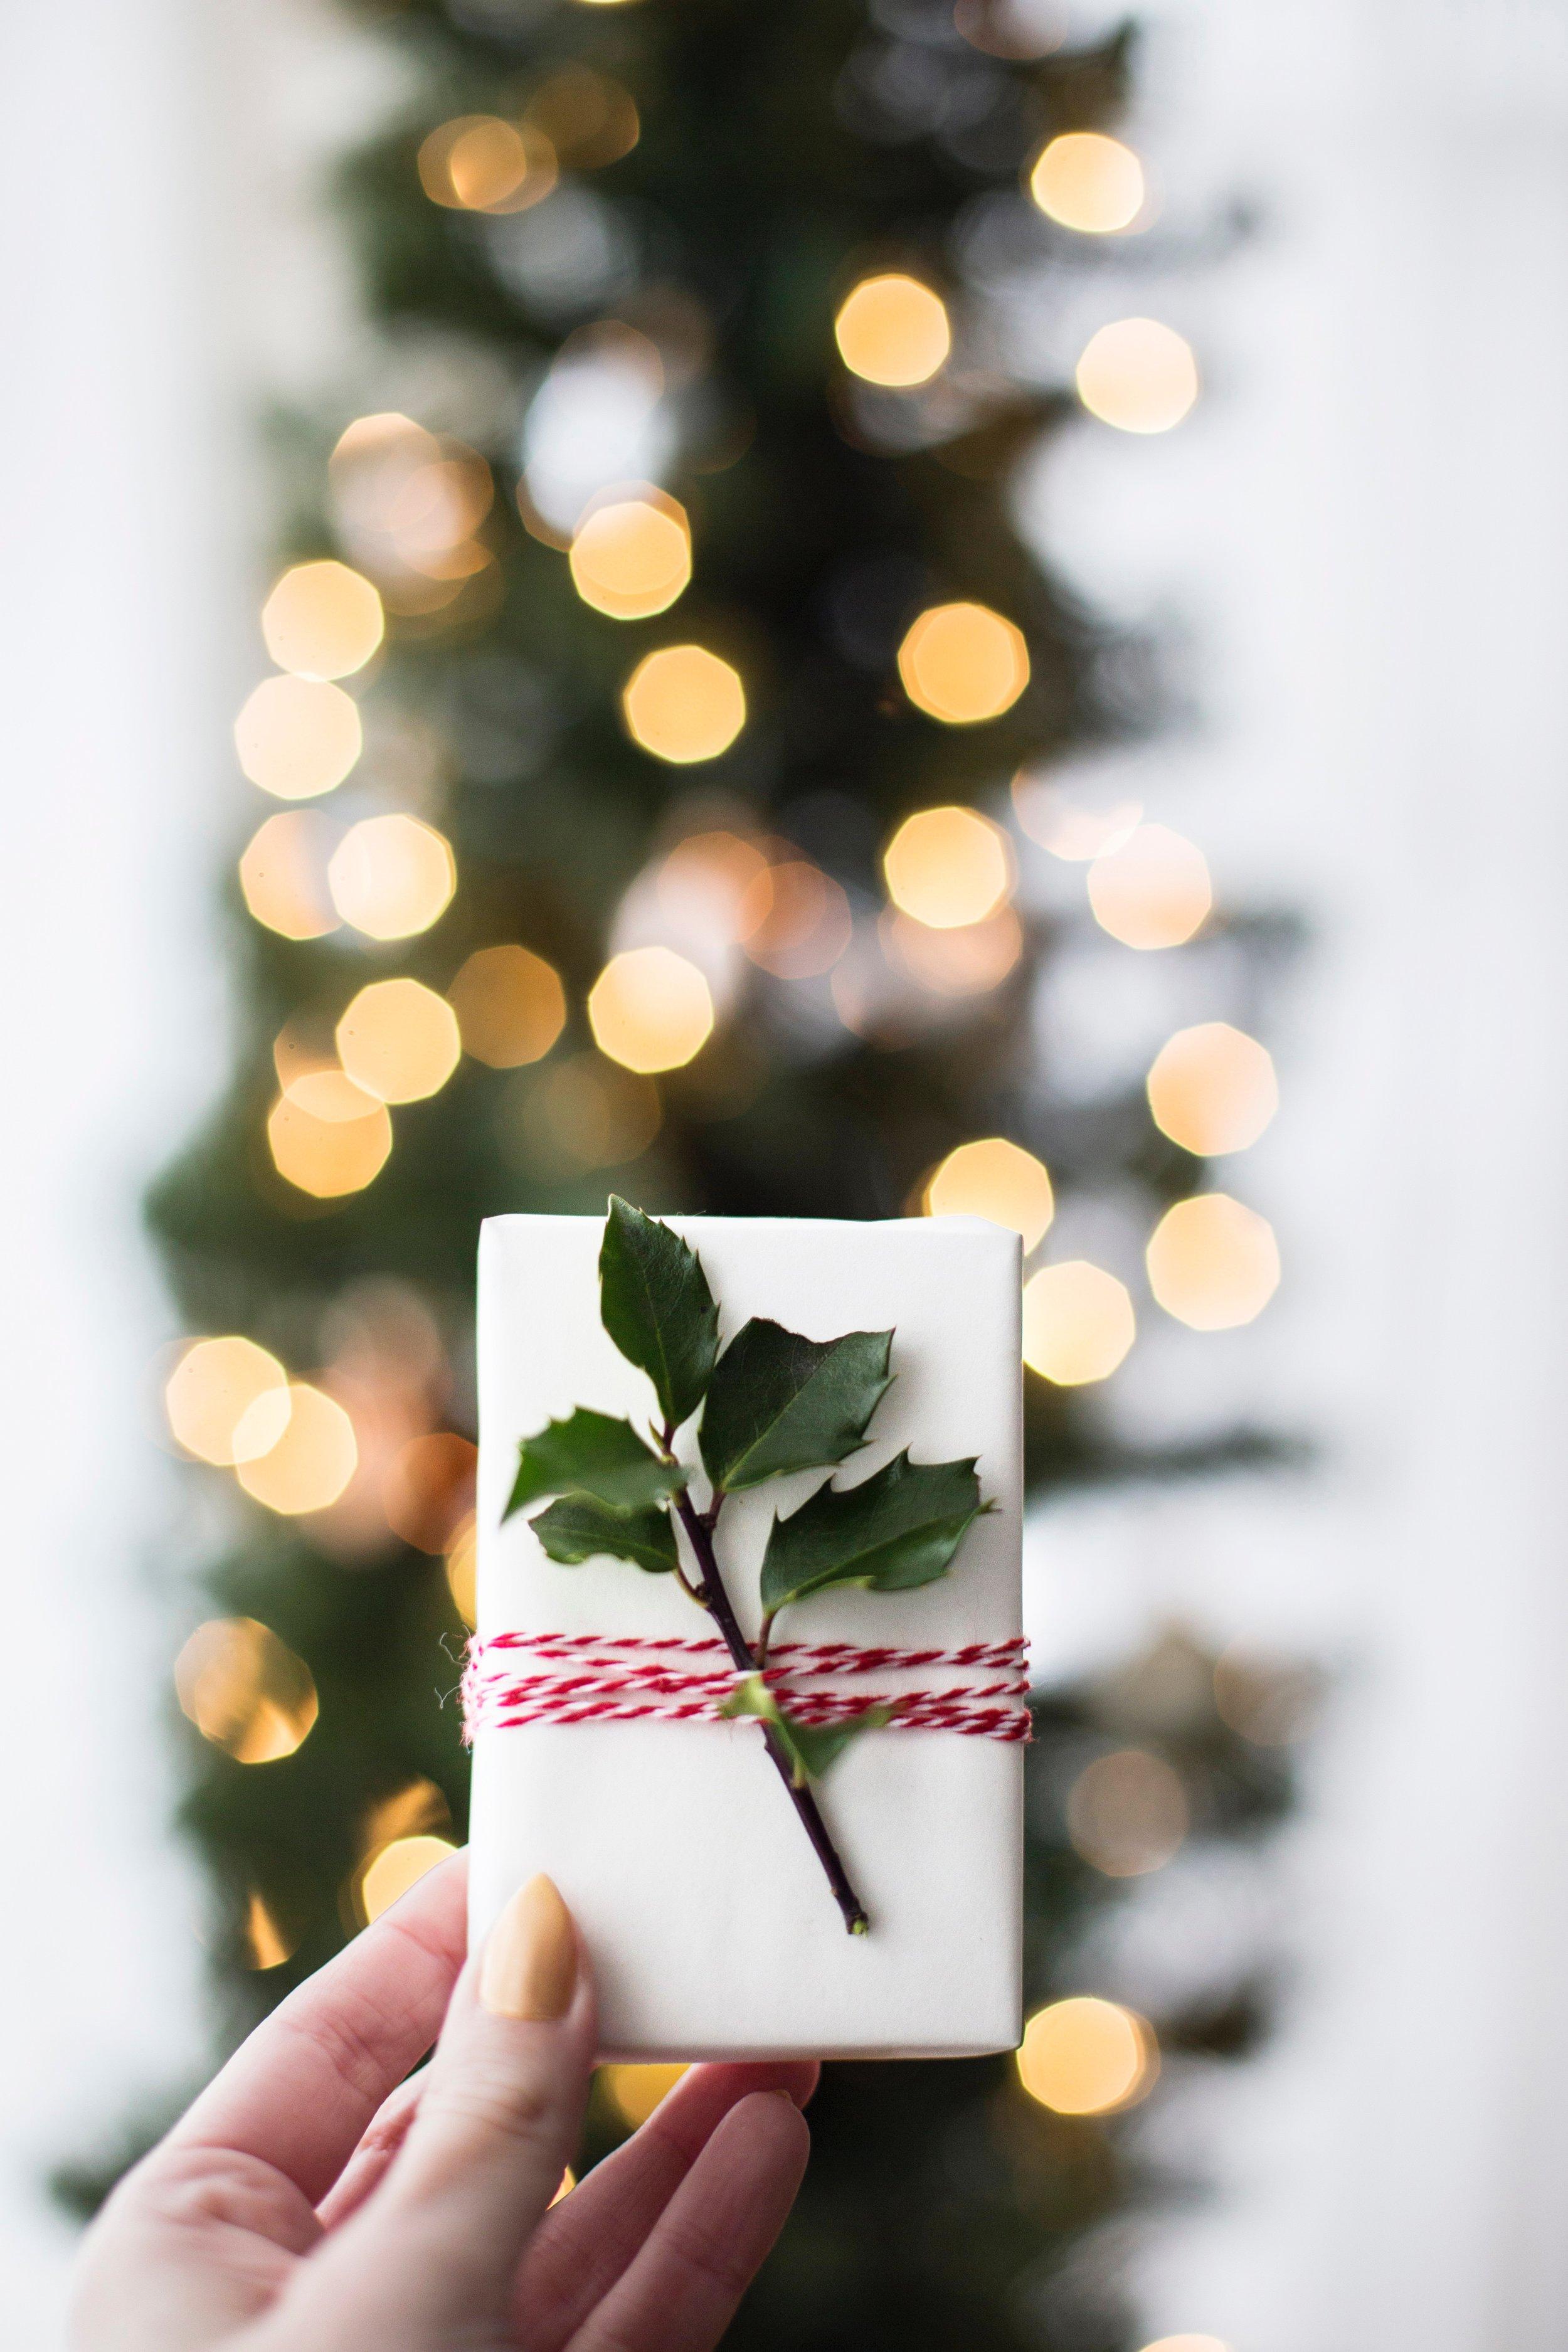 food allergy Christmas gift ideas